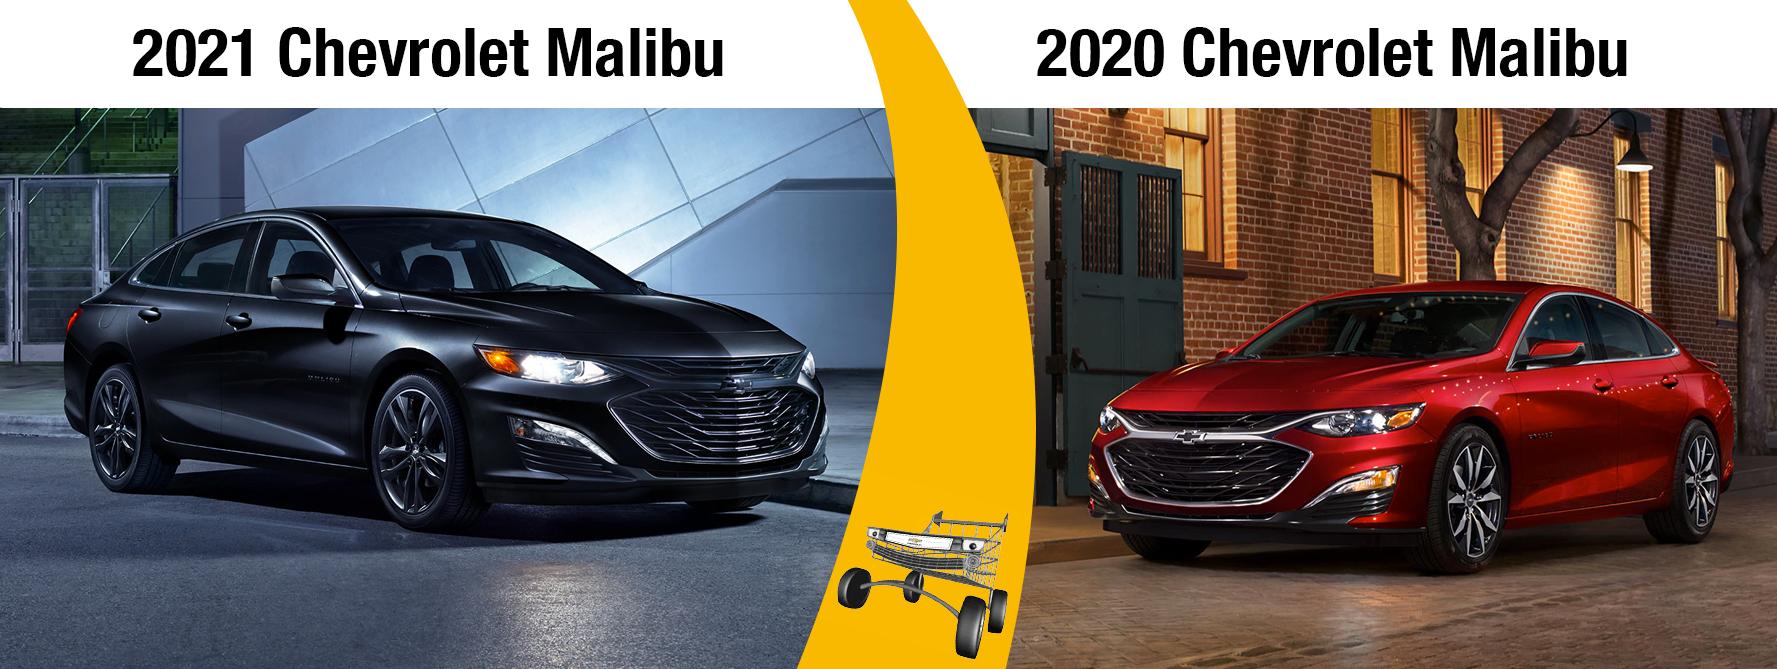 2021 Malibu vs 2020 Malibu